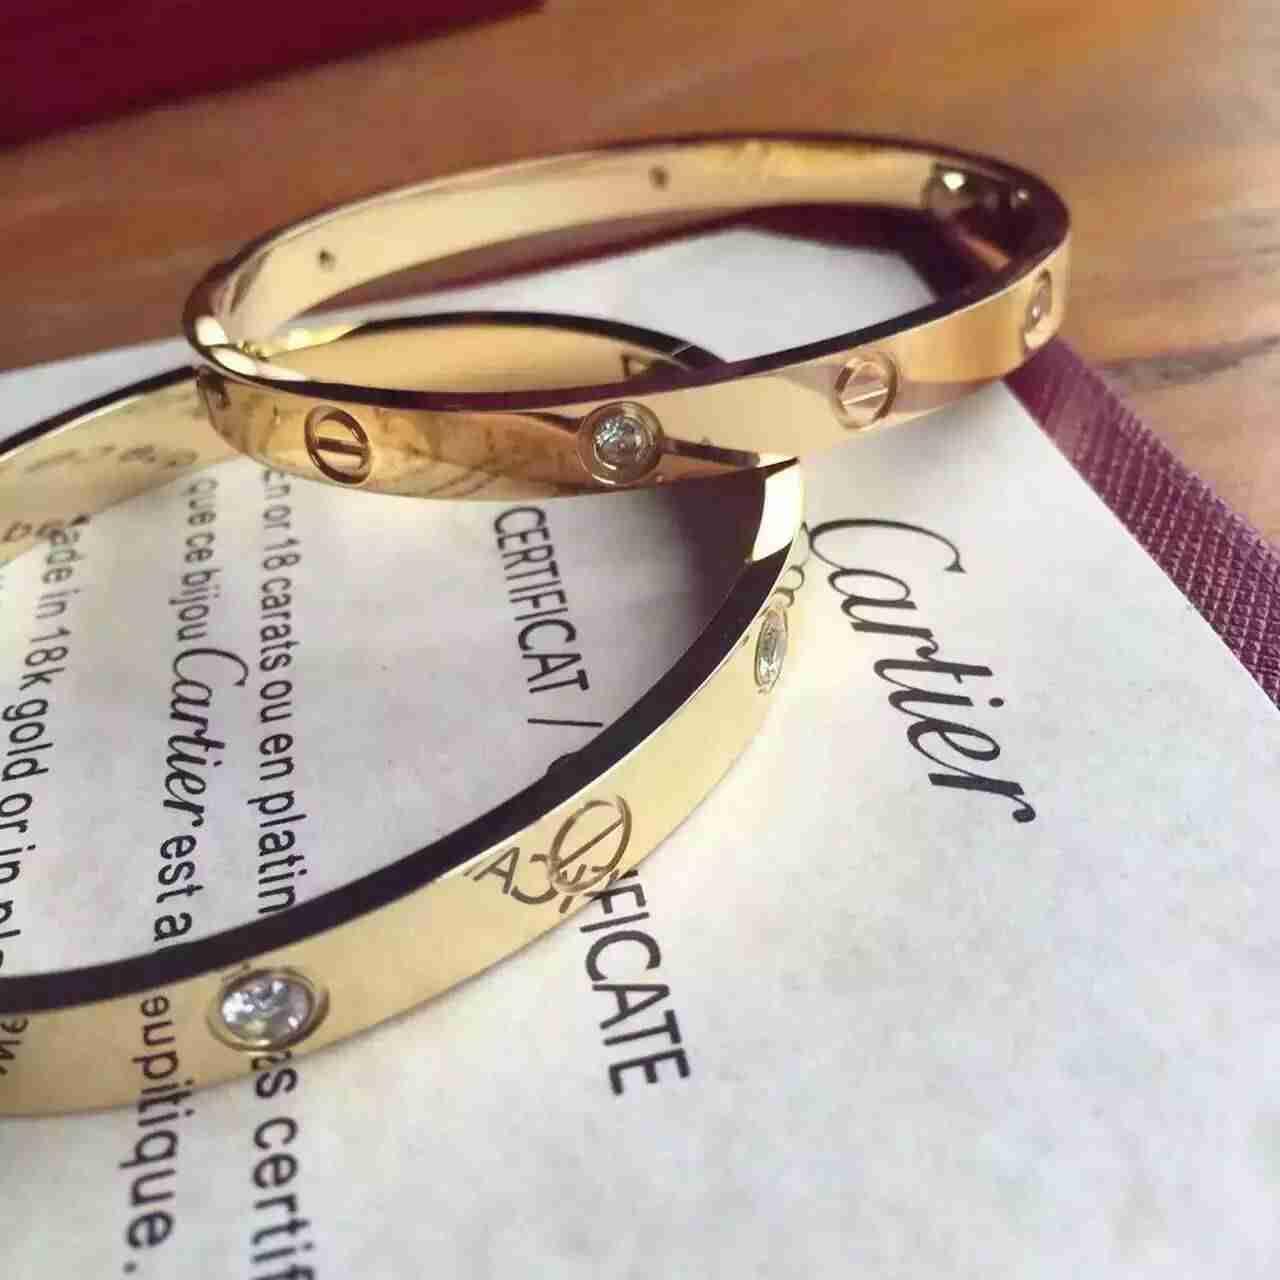 e9fca66430d1 ルイヴィトンスーパーコピーバッグ|ルイヴィトンバッグコピー通販店|ブランド腕時計スーパーコピー